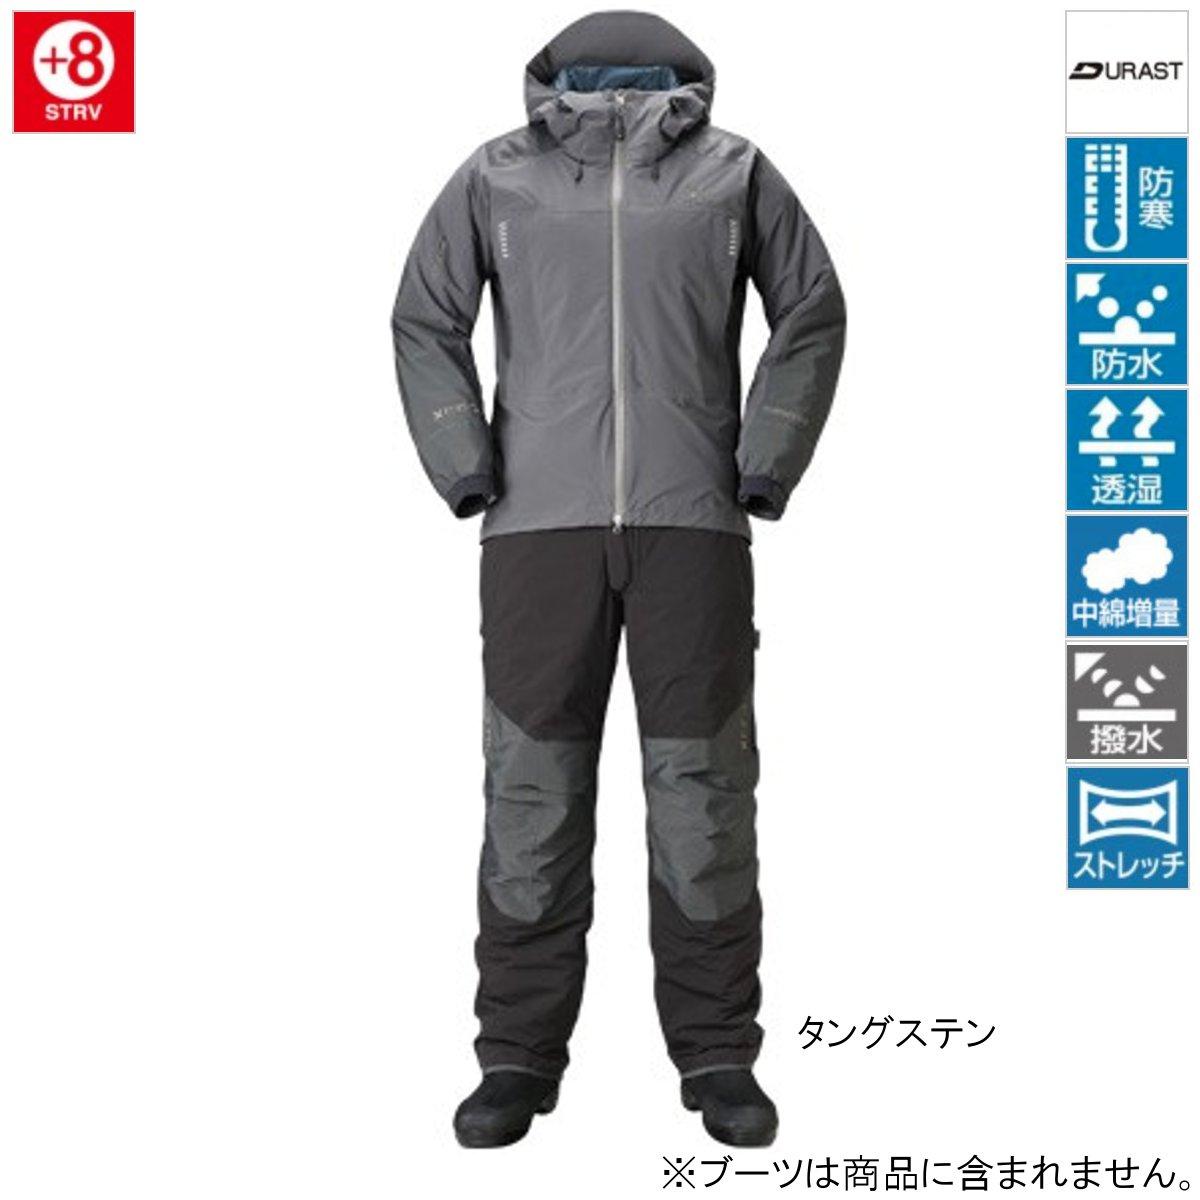 シマノ XEFO ストレッチ ウォームスーツ RB-224R L タングステン【送料無料】